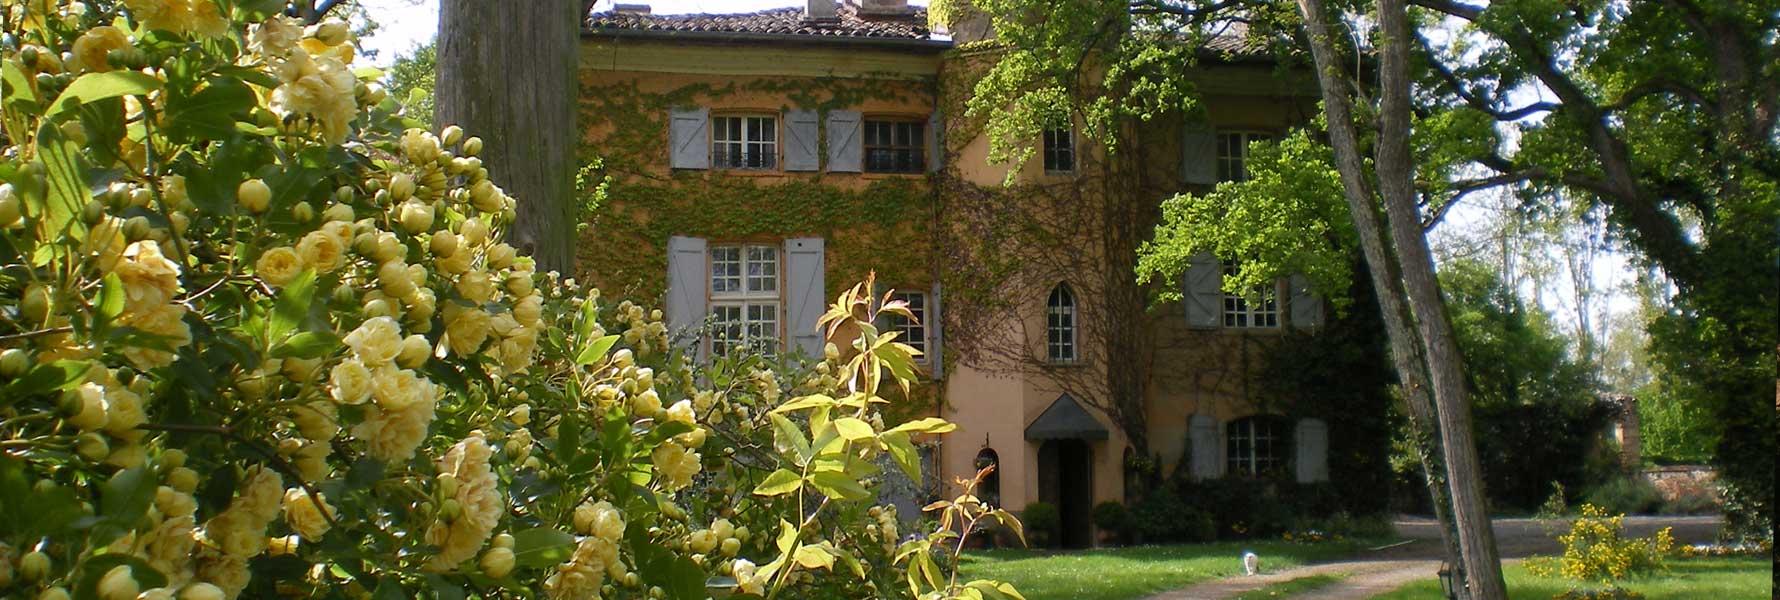 chateau de Foncoussieres, entrée principal